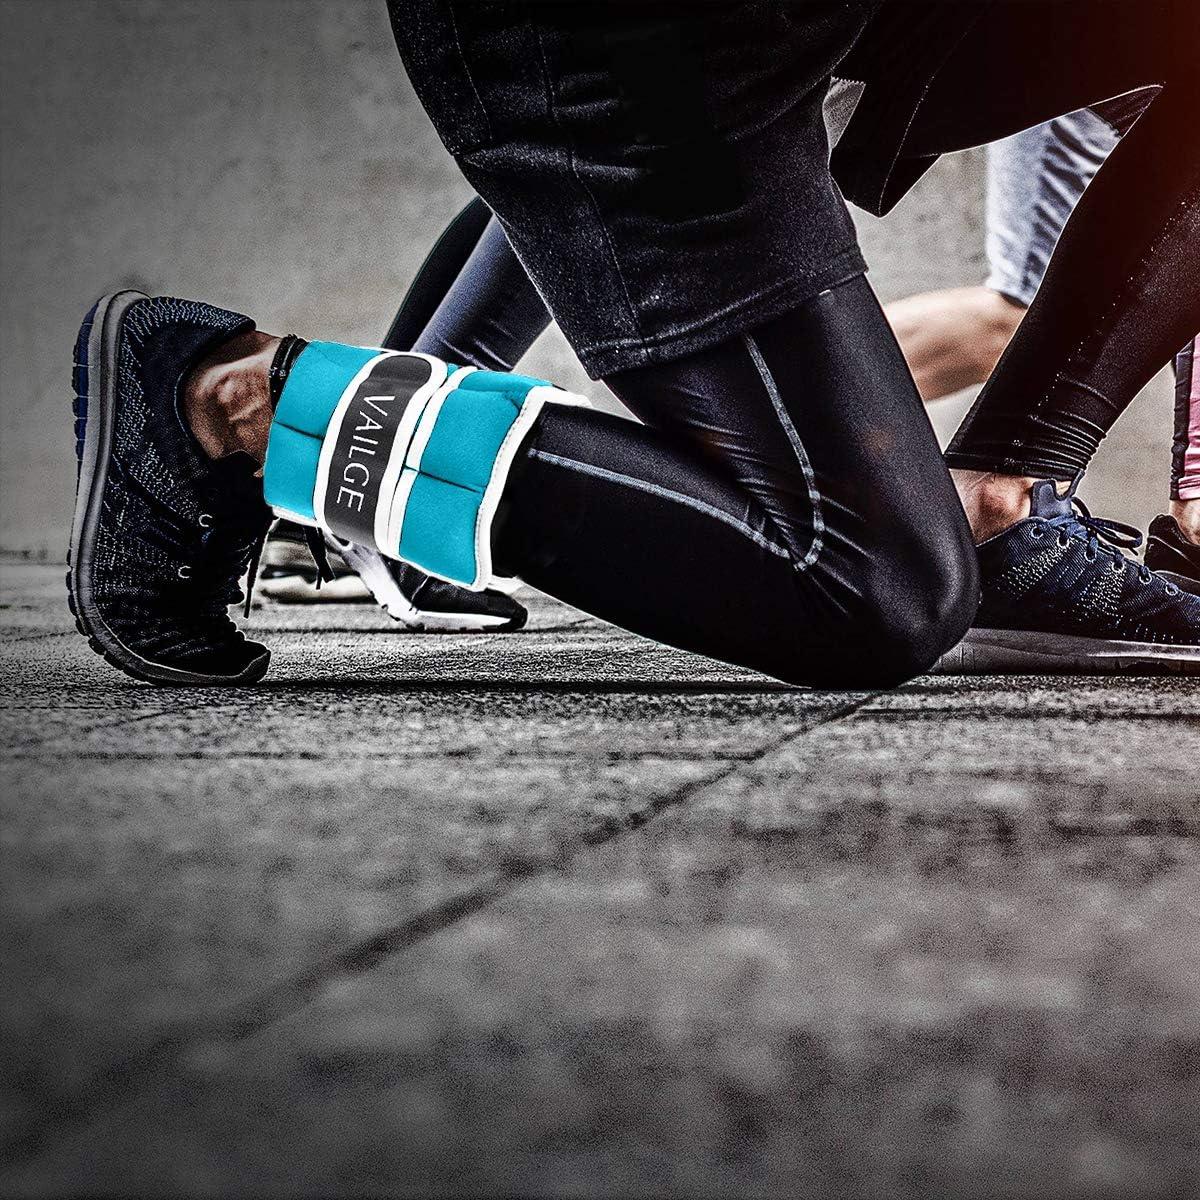 3 kg per donna Polsino per caviglia peso regolabile peso per gambe 1,5 x 2 = 3 kg blu, 1,5 kg, 1,5 kg = ginnastica jogging 0,5 kg per fitness Vailge corsa uomo